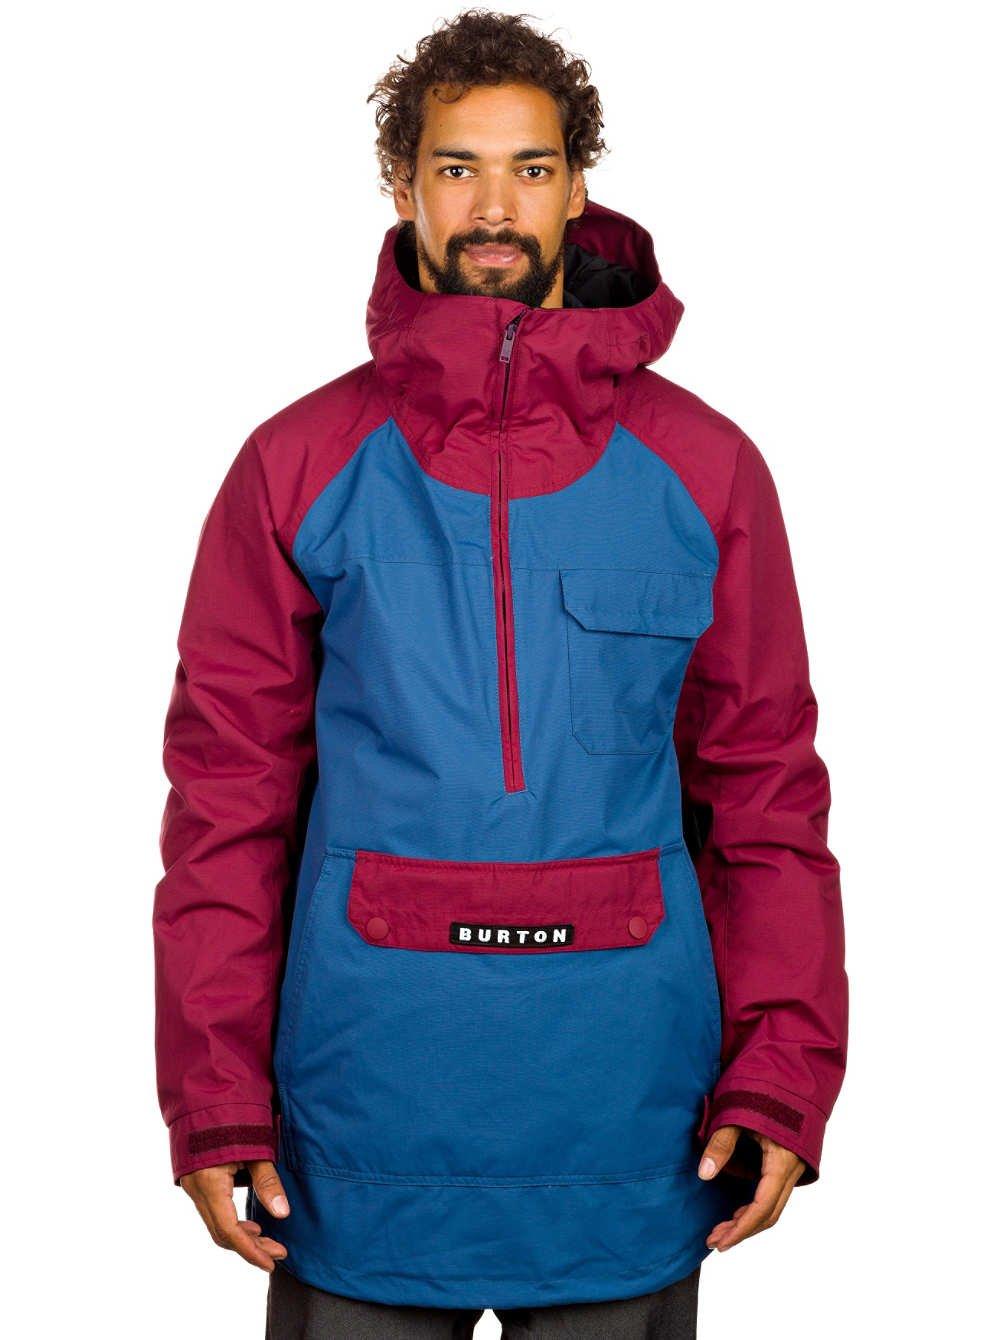 Herren Snowboard Jacke Burton Flint Jacket günstig kaufen